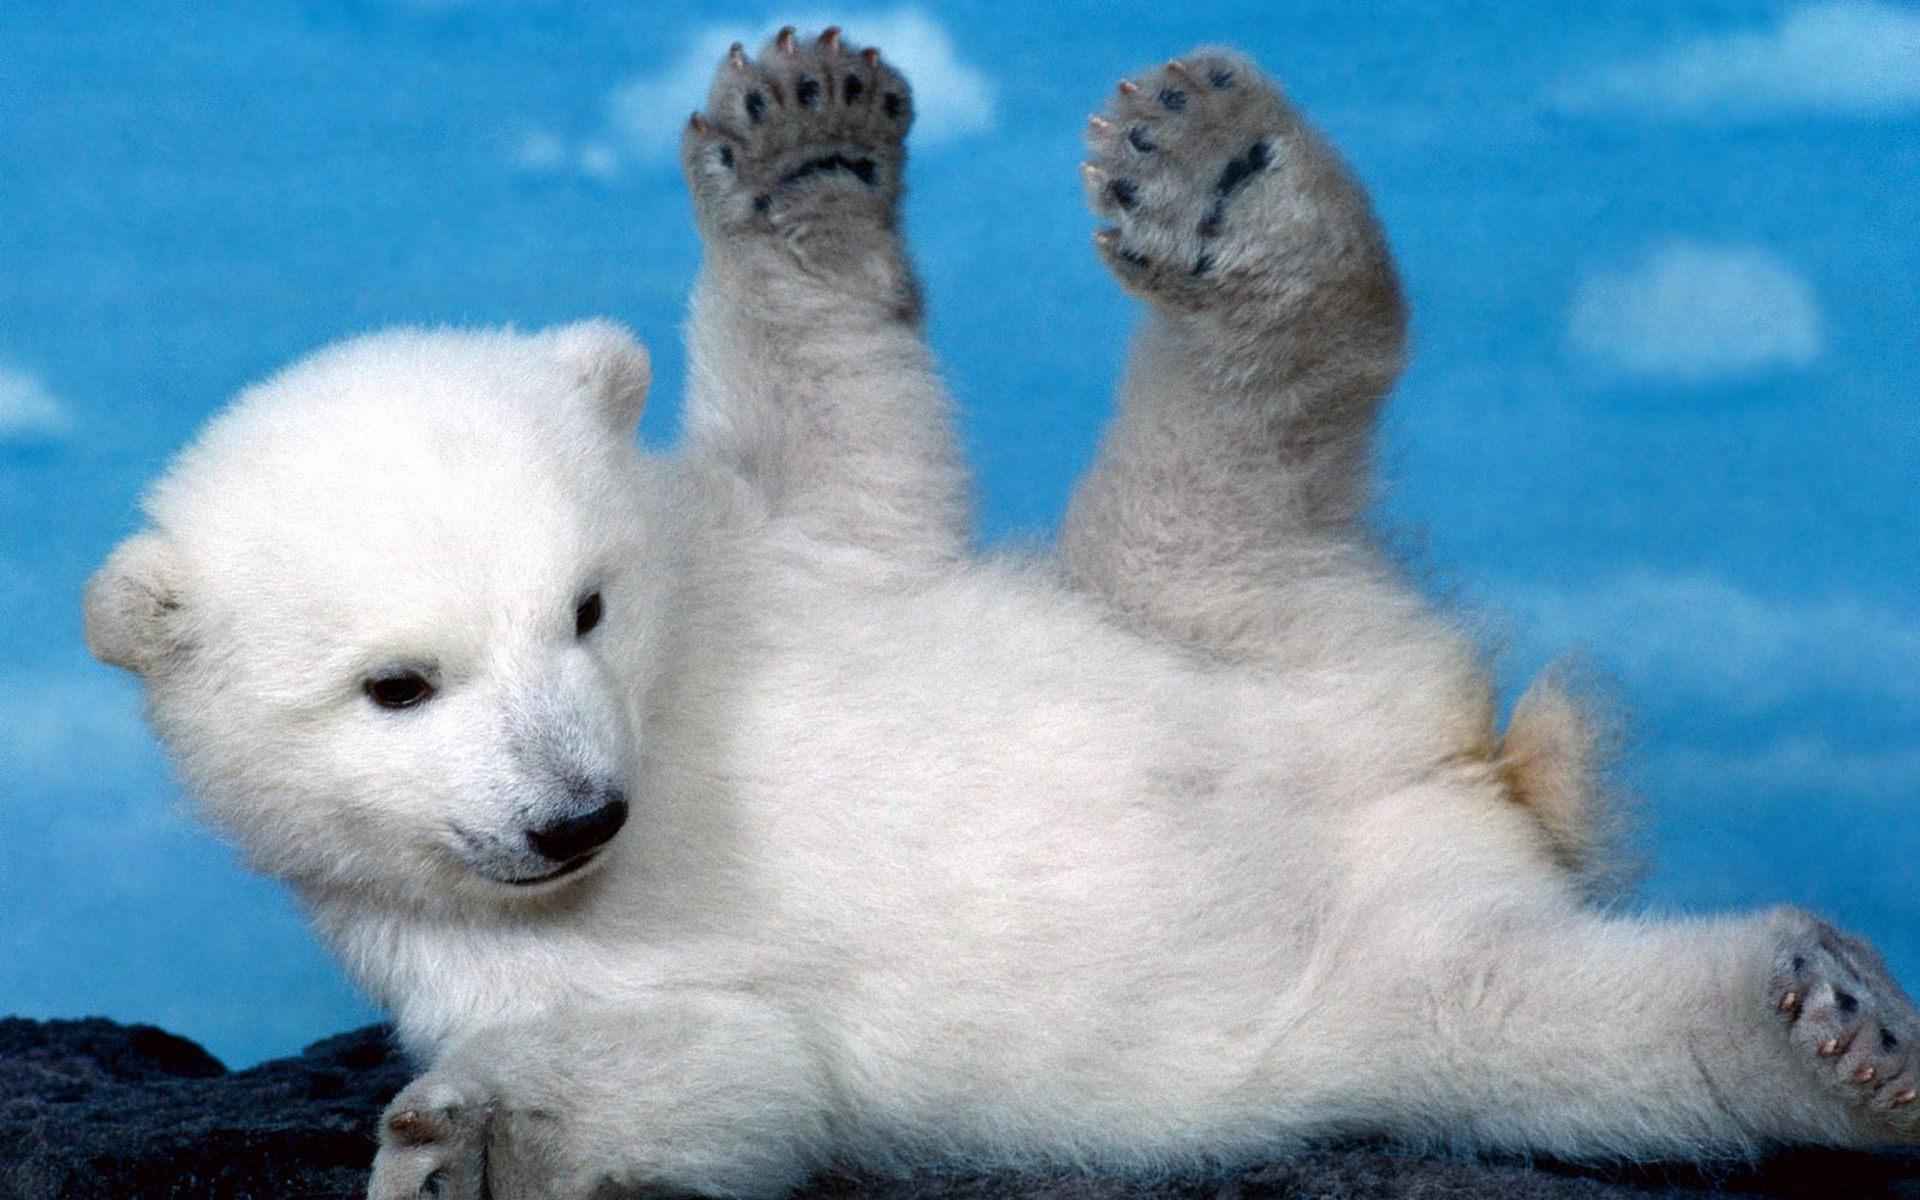 Baixar papel de parede para celular de Bears, Animais gratuito.